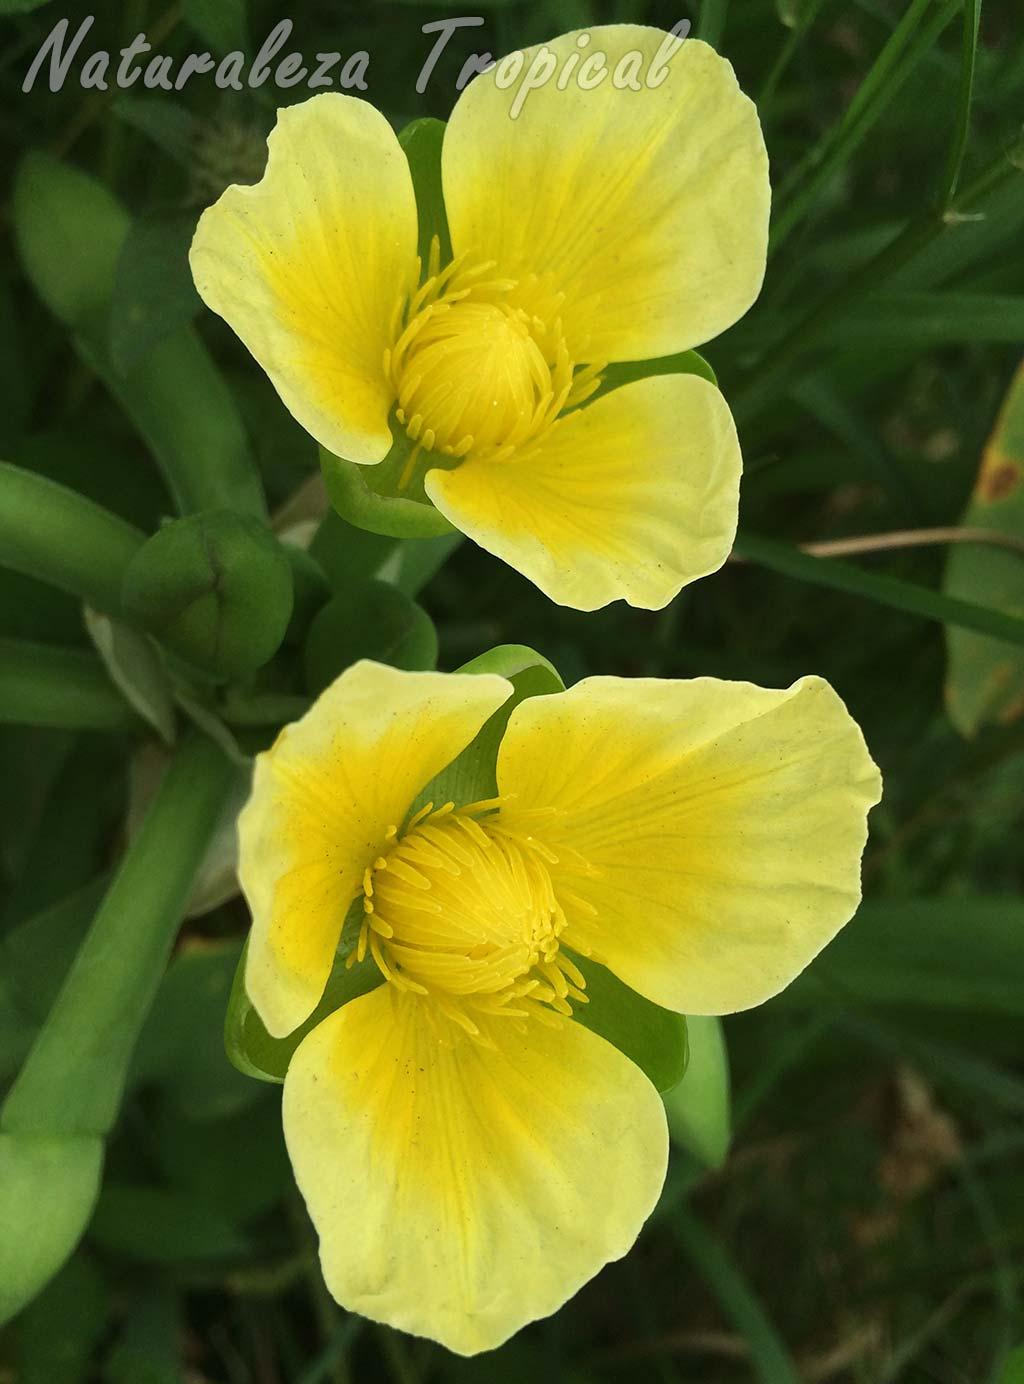 Otra fotografía de las flores de la planta acuática Limnocharis flava